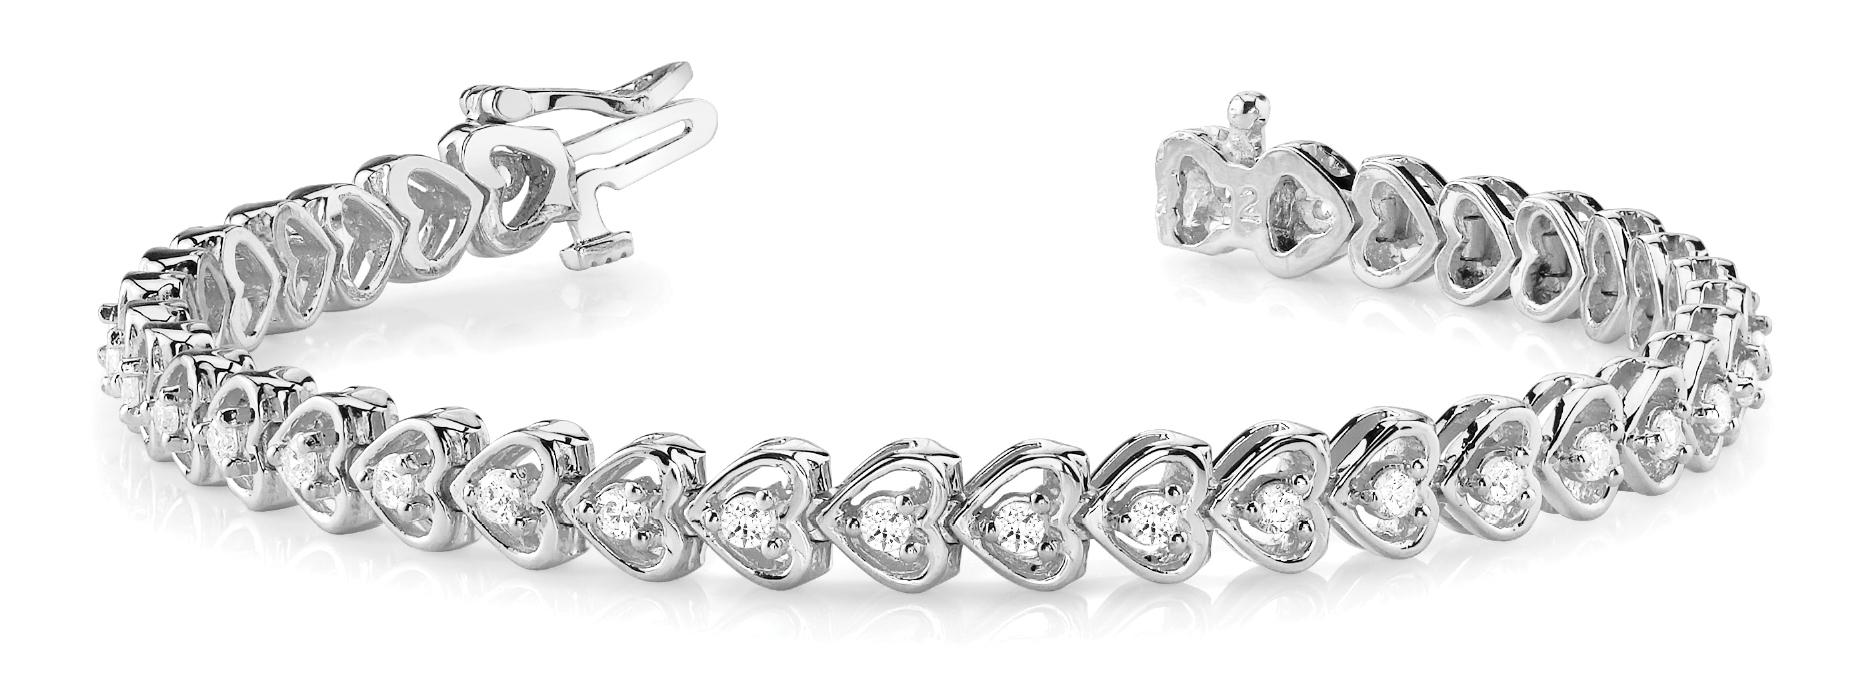 Heart Link Bracelet images